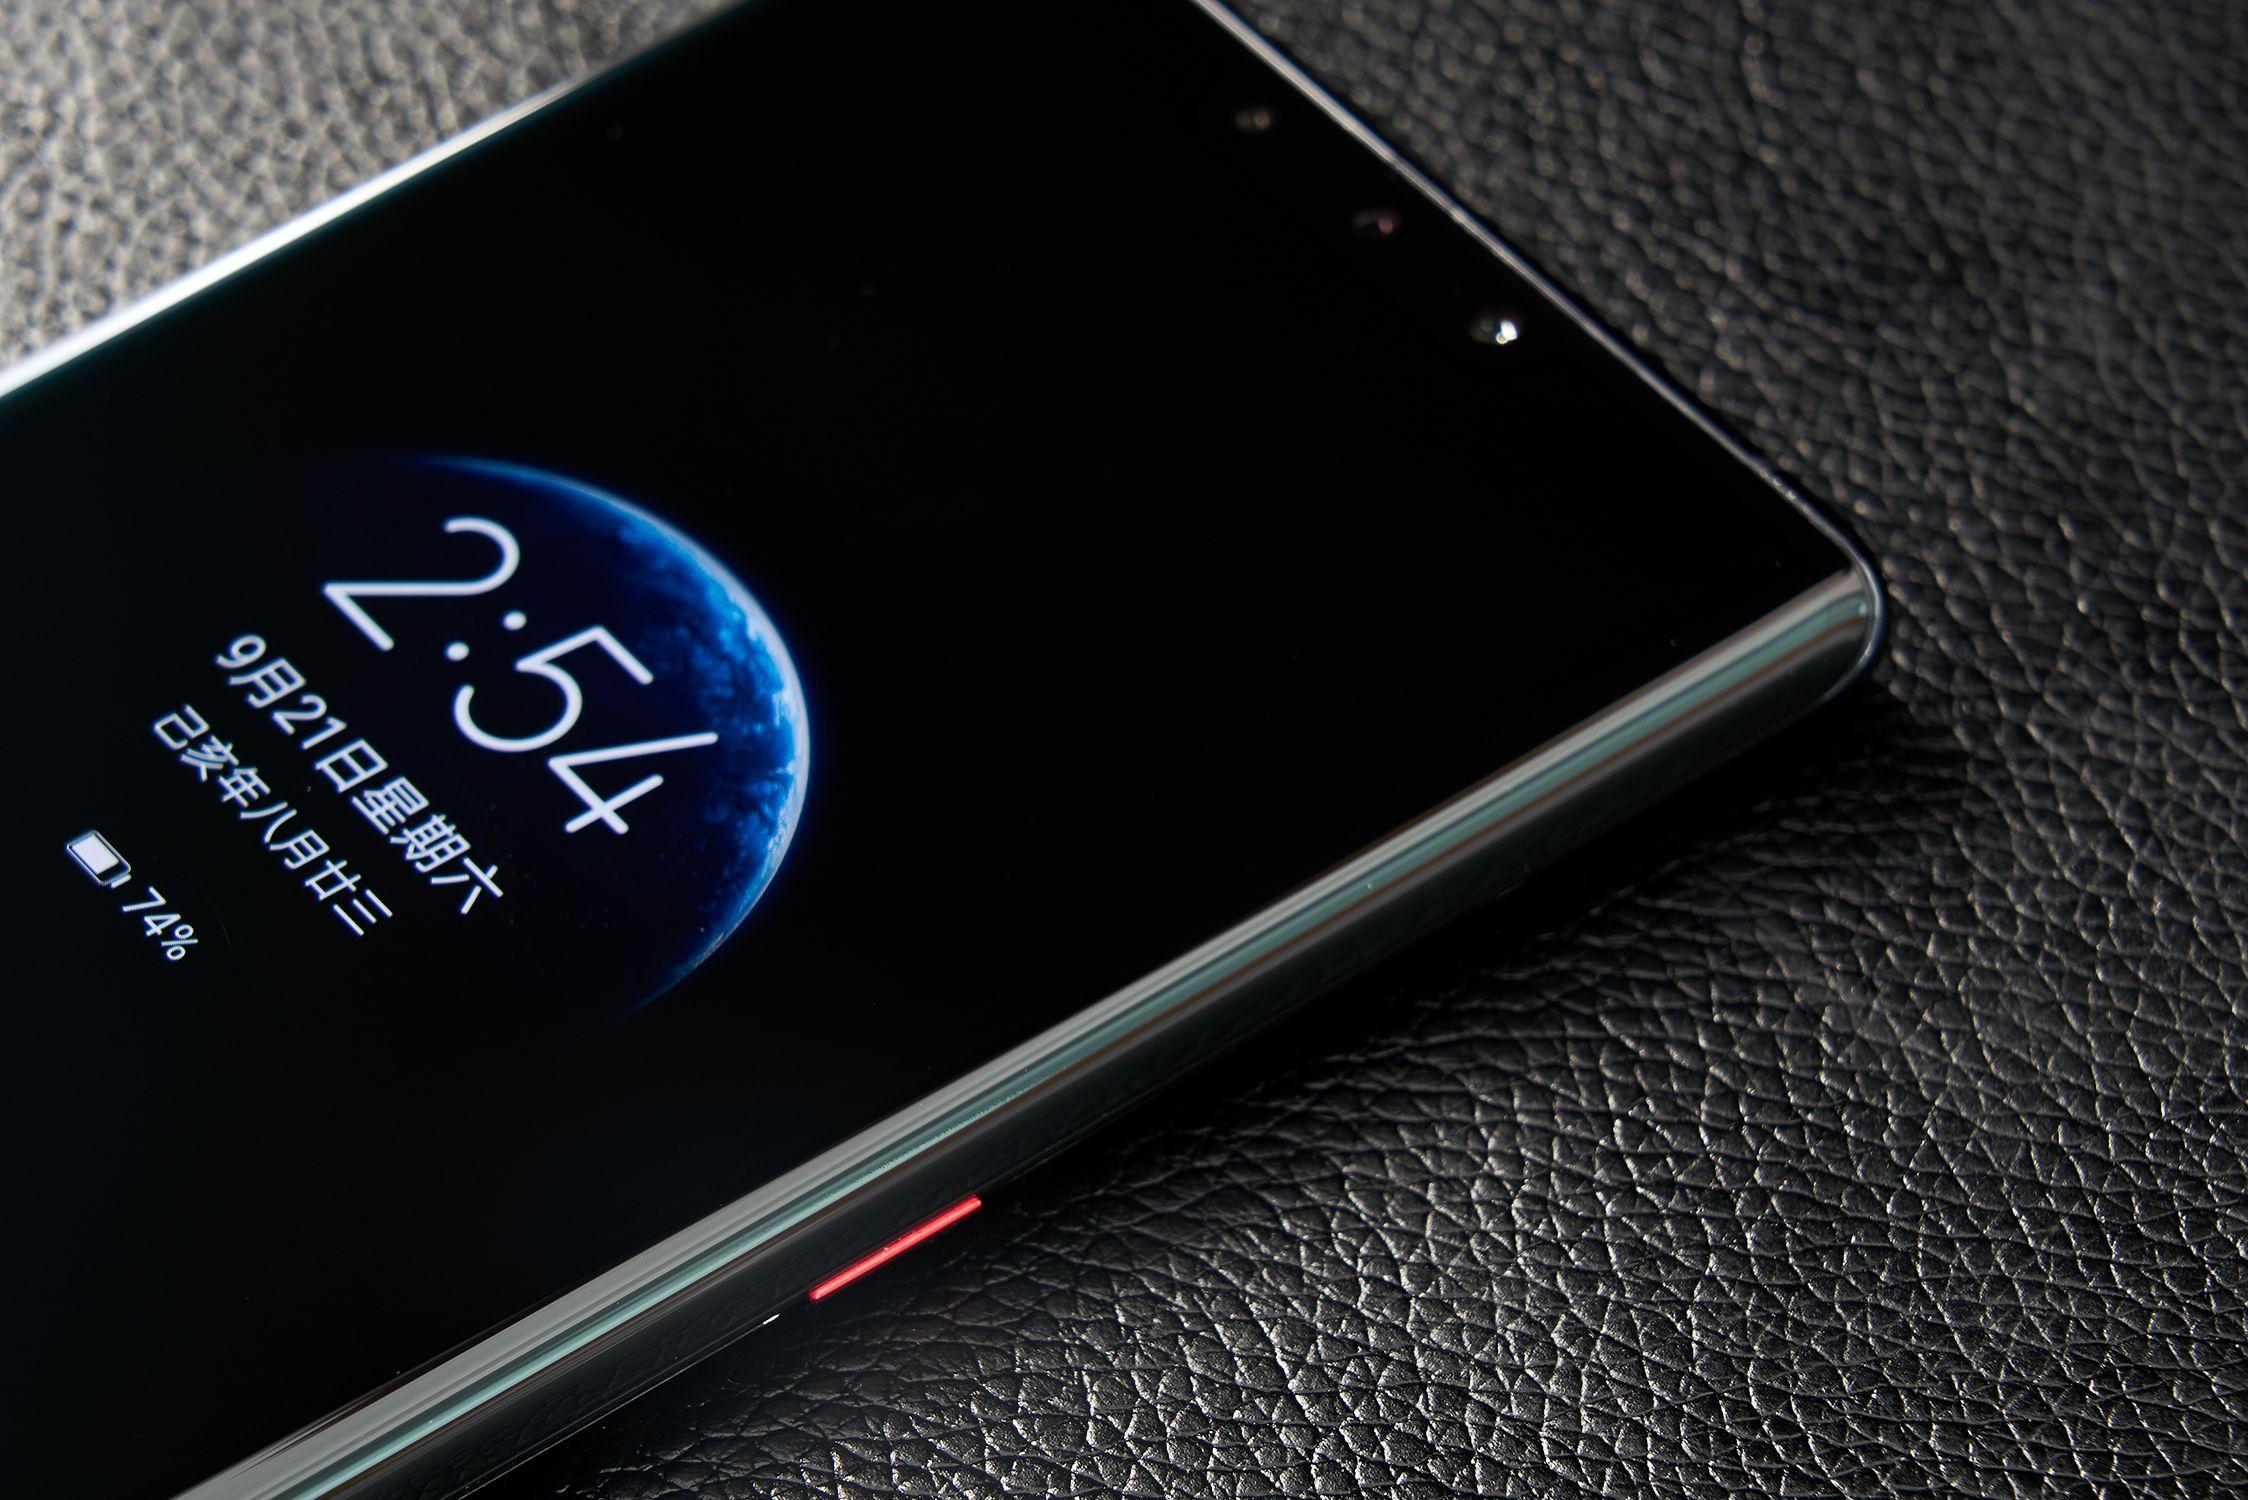 华为Mate30 Pro上手评测:超曲面环幕屏,影像能力提升明显的照片 - 4